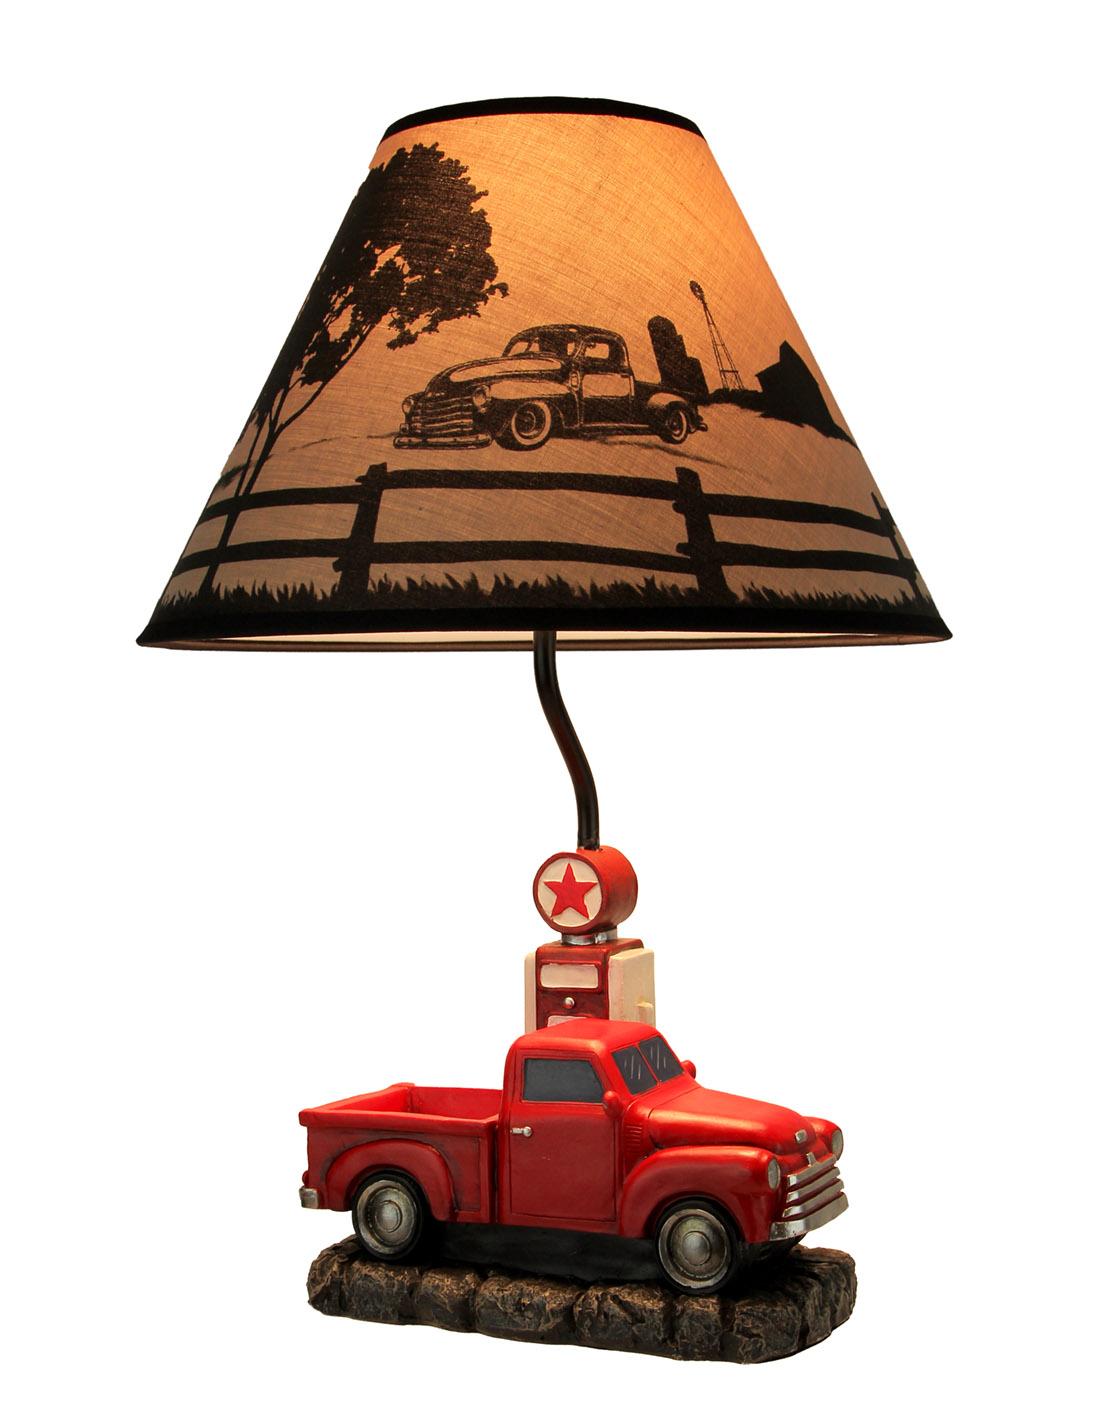 Camion Antiguo Rustico Rojo En La Bomba De Gas Lampara De Mesa Con Pantalla De Impreso Ebay